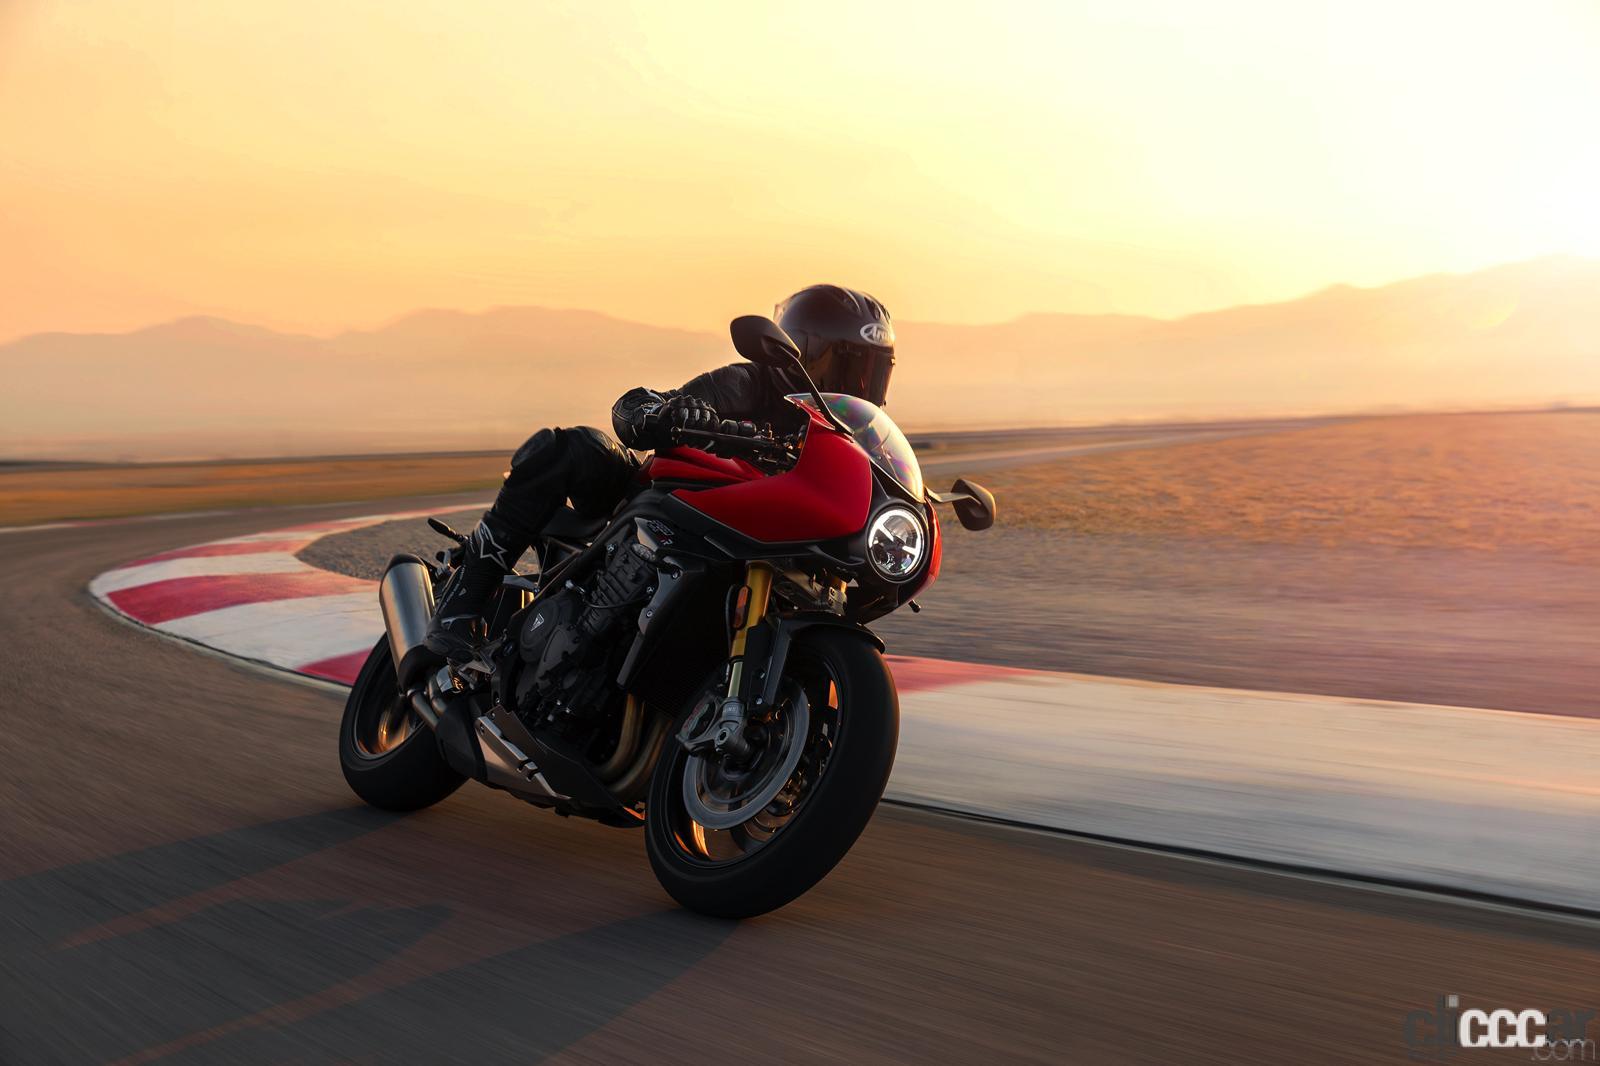 野獣バイクが気品あるカフェレーサーに変身!? 英国トライアンフの新型「スピードトリプル1200RR」登場